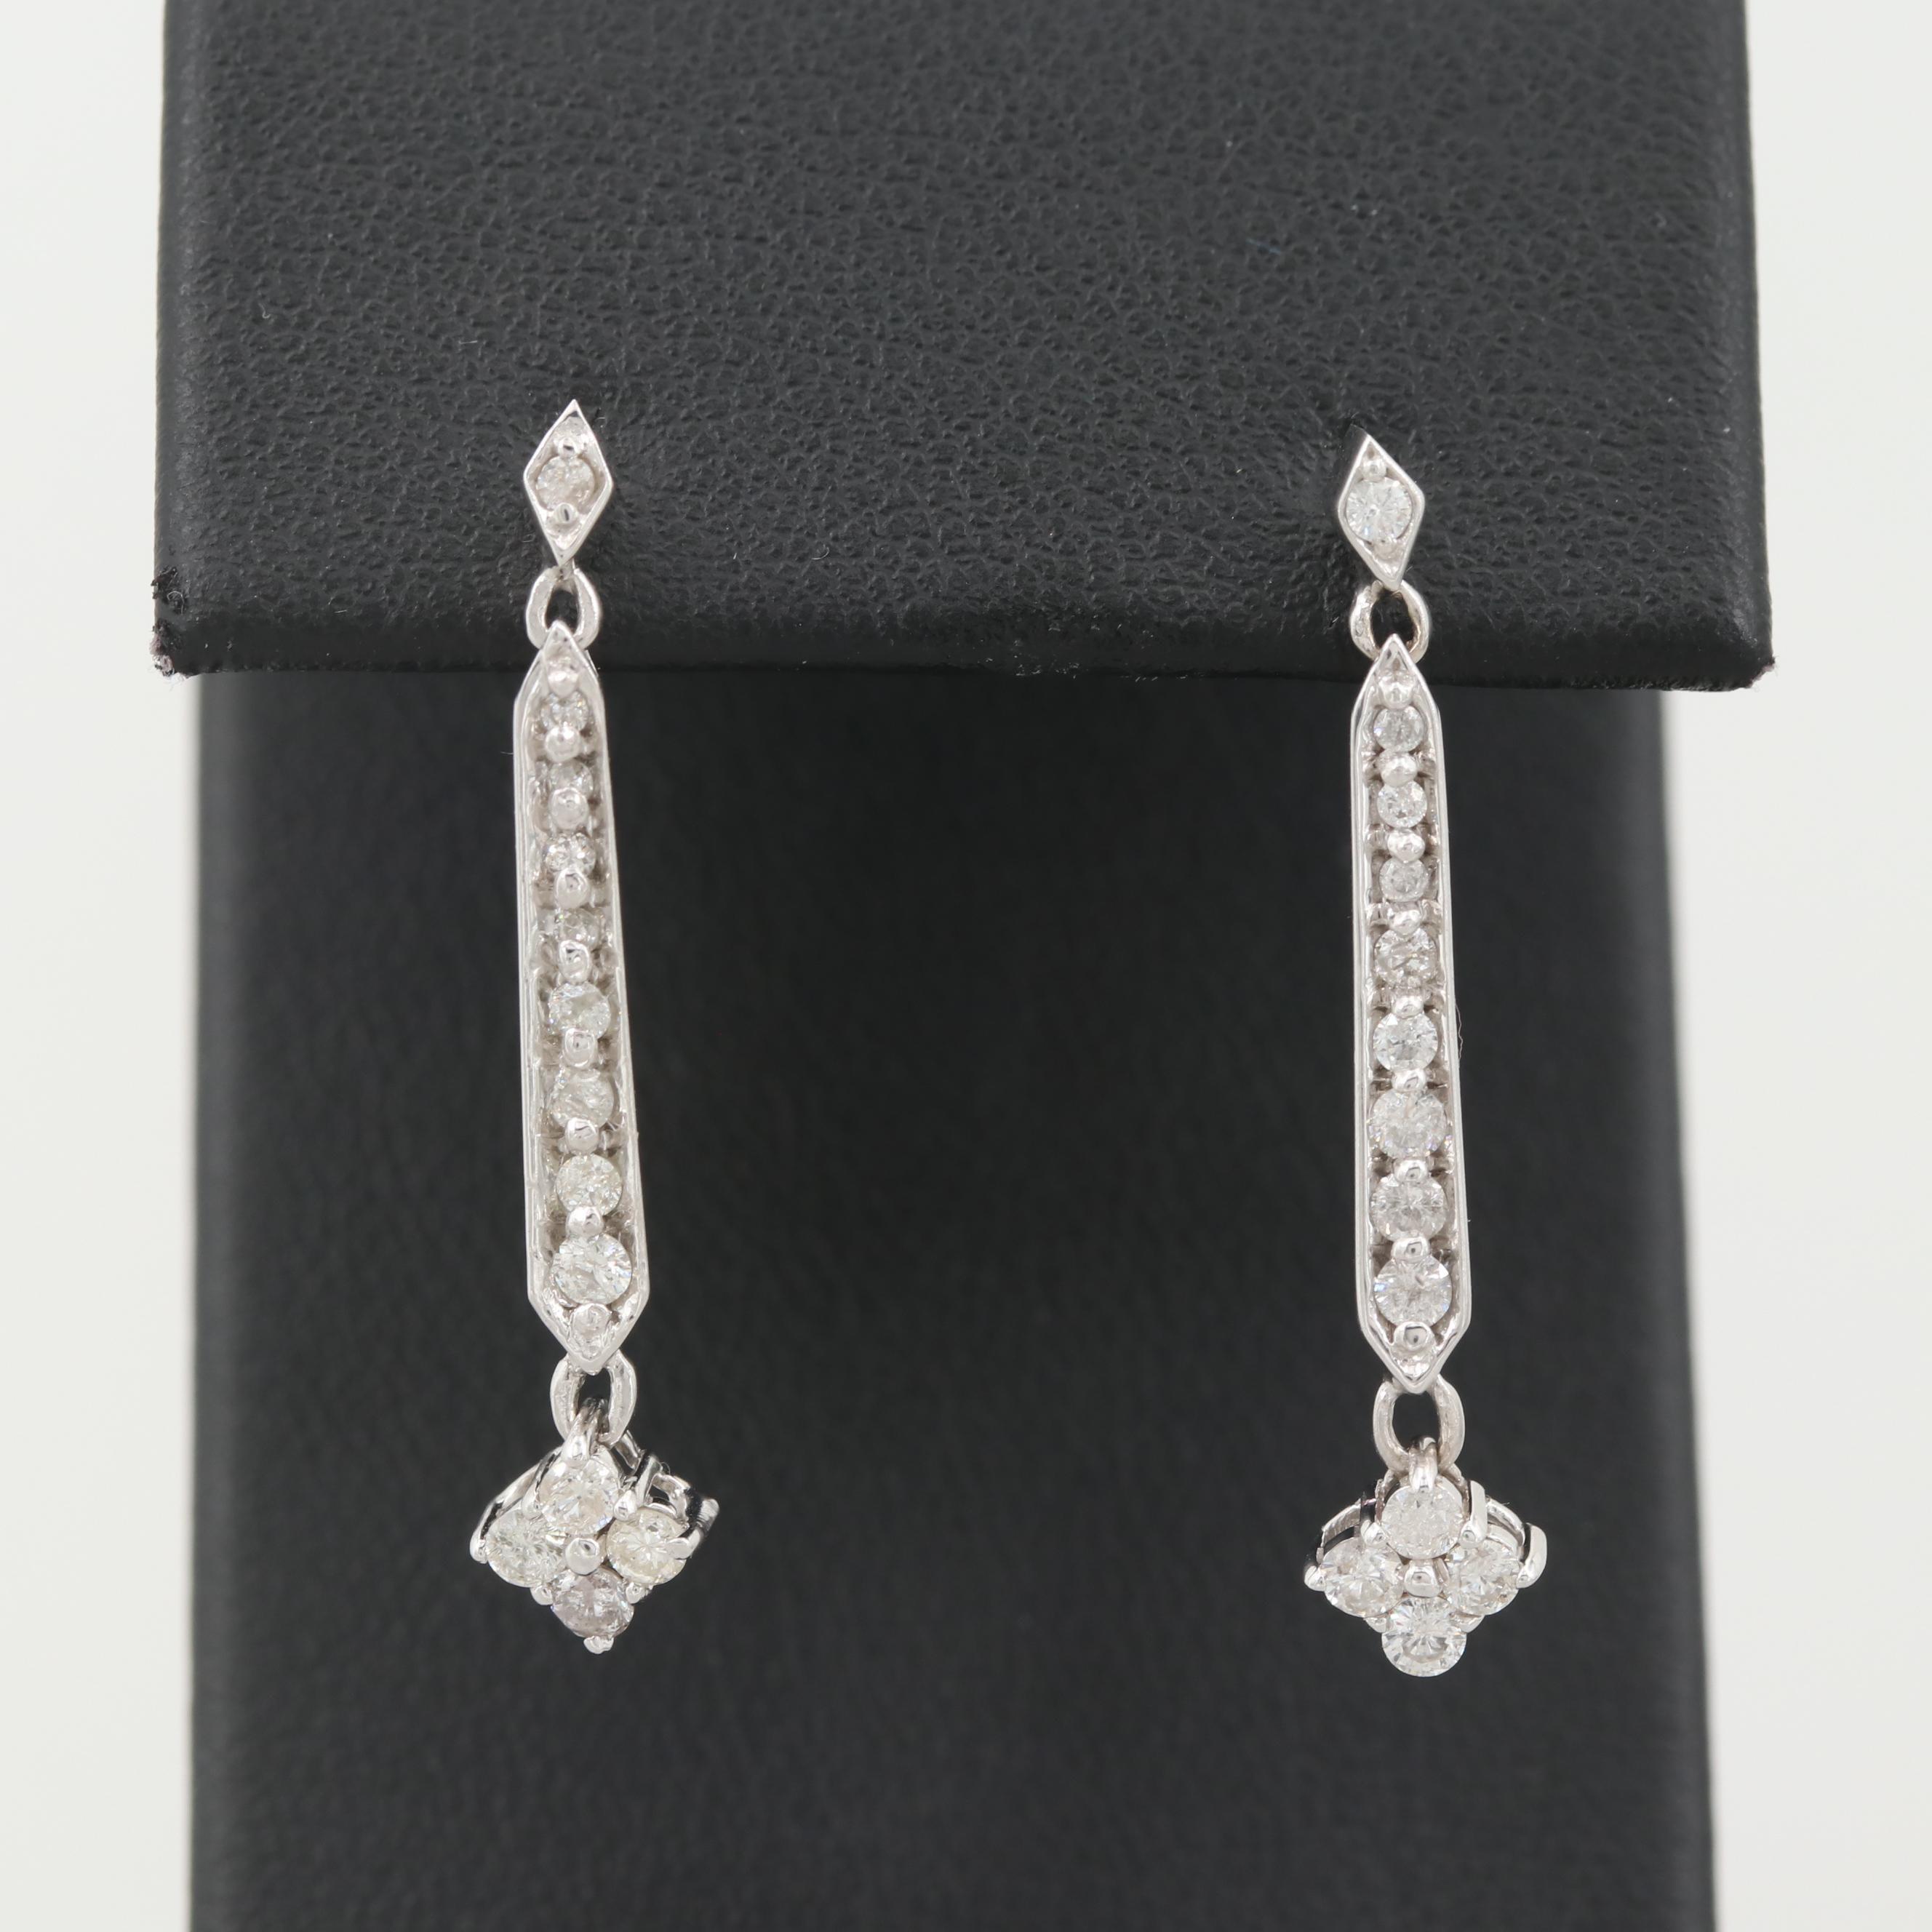 10K White Gold Diamond Dangle Earrings